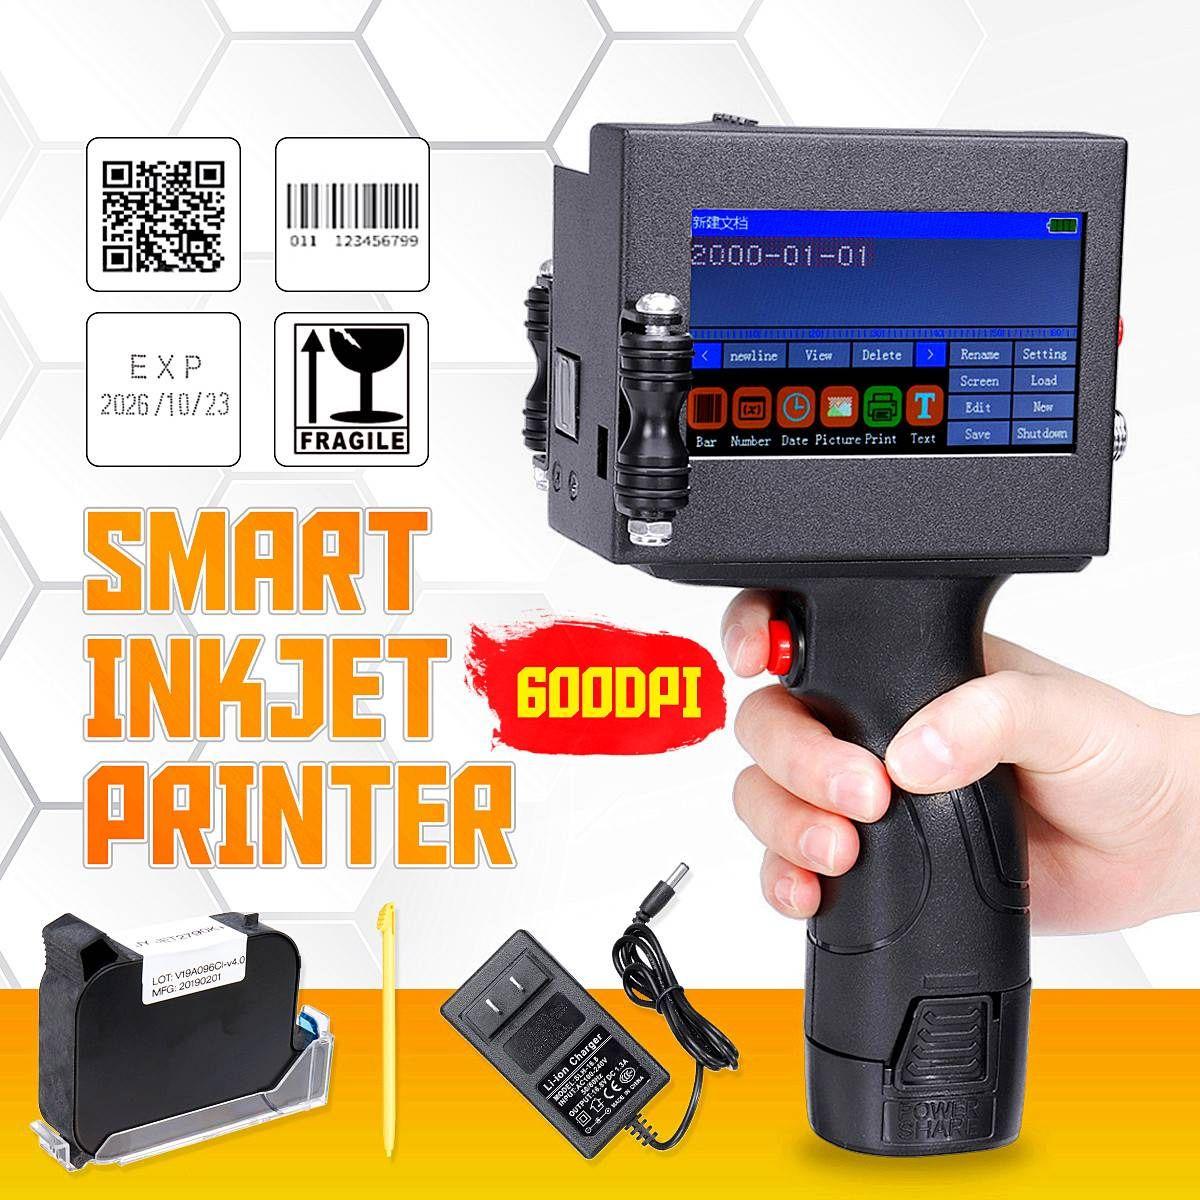 Neueste Led-bildschirm Touch-Screen Handheld Drucker 600DPI Intelligente USB QR Code Inkjet Label Drucker Hohe Qualität Codierung maschine